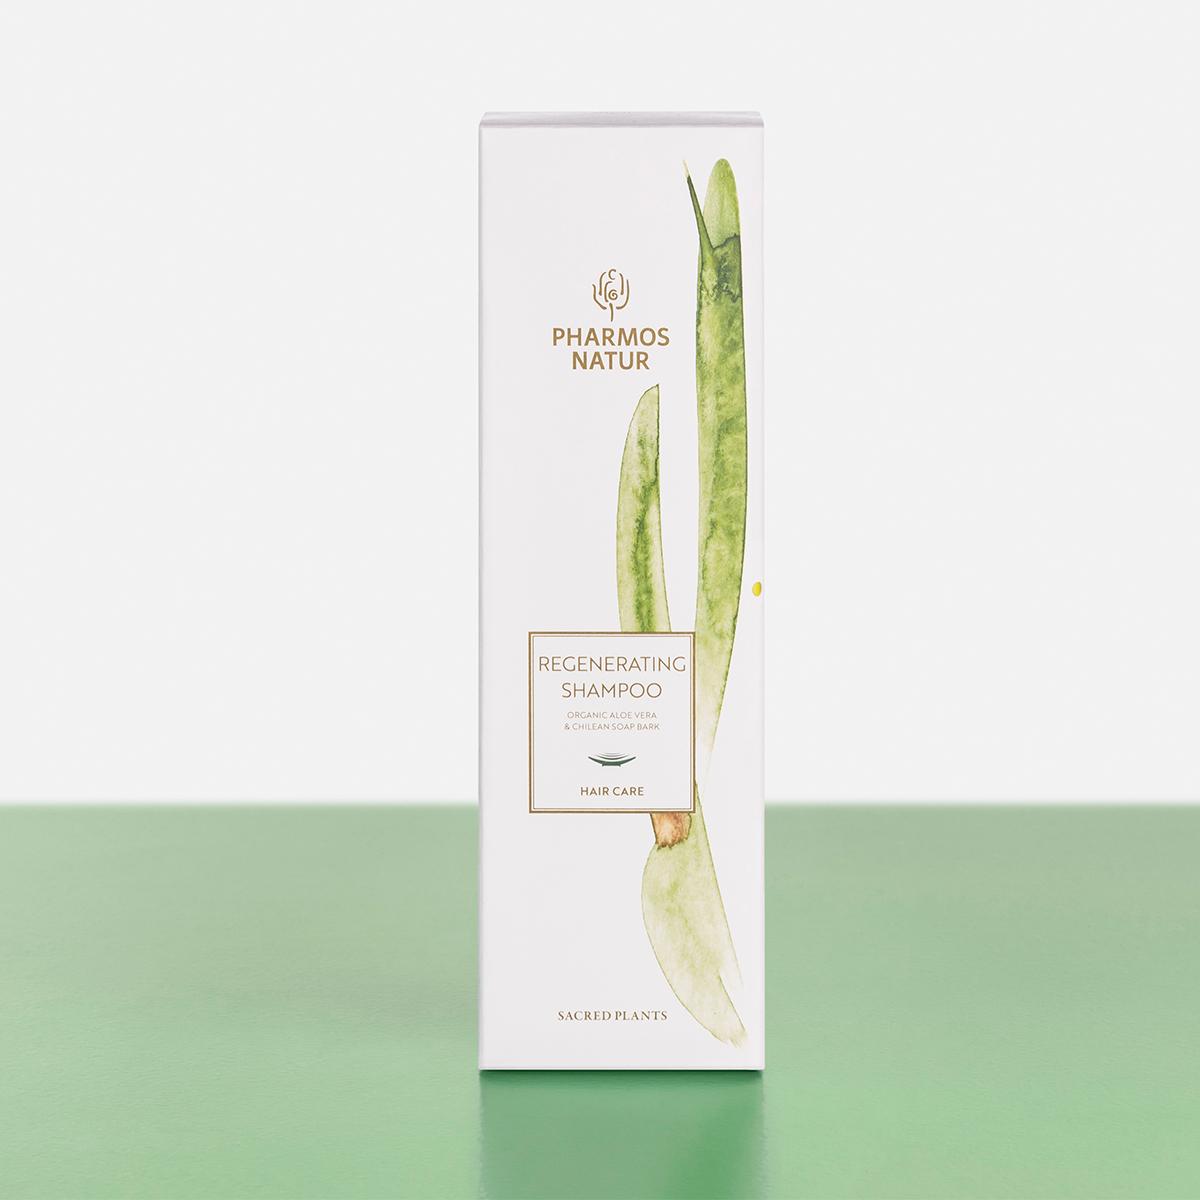 Verpackung Regenerating Shampoo Produktbild